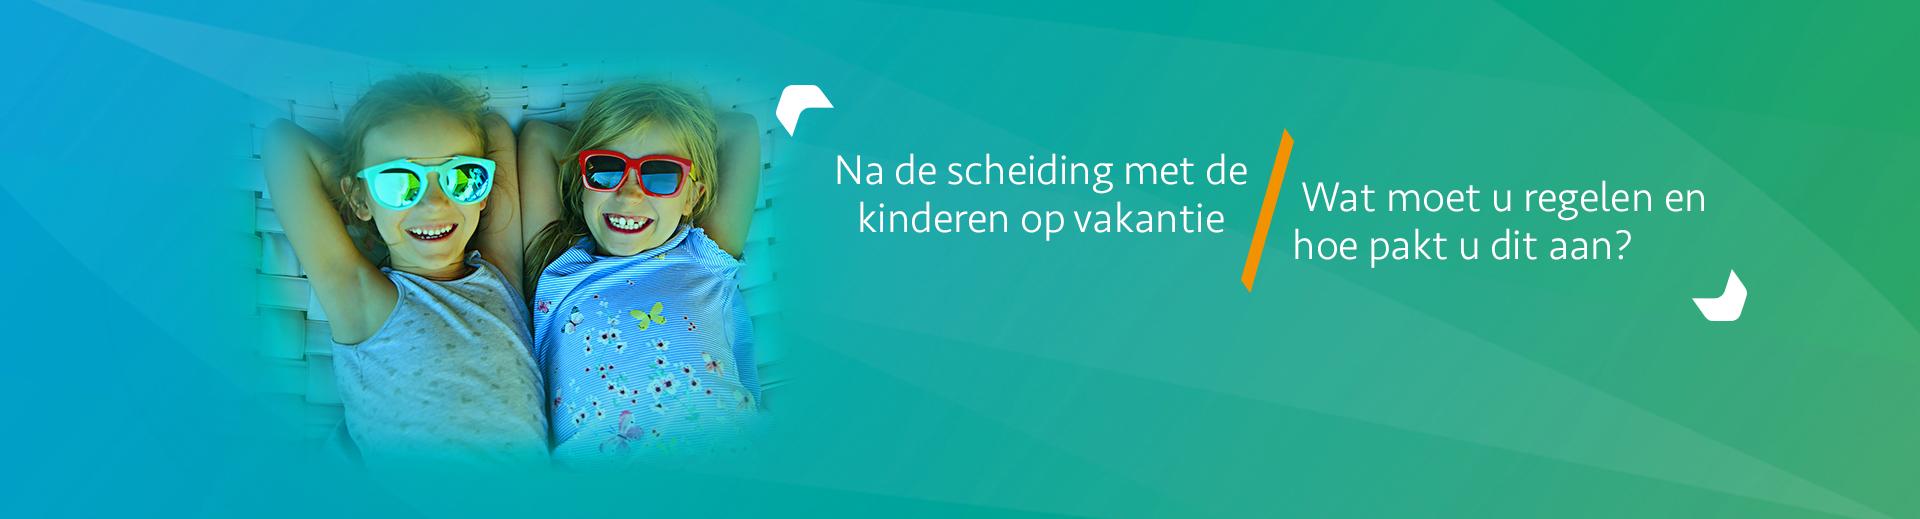 Vakantietips voor na de scheiding - Scheidingsplanner Midden-Nederland